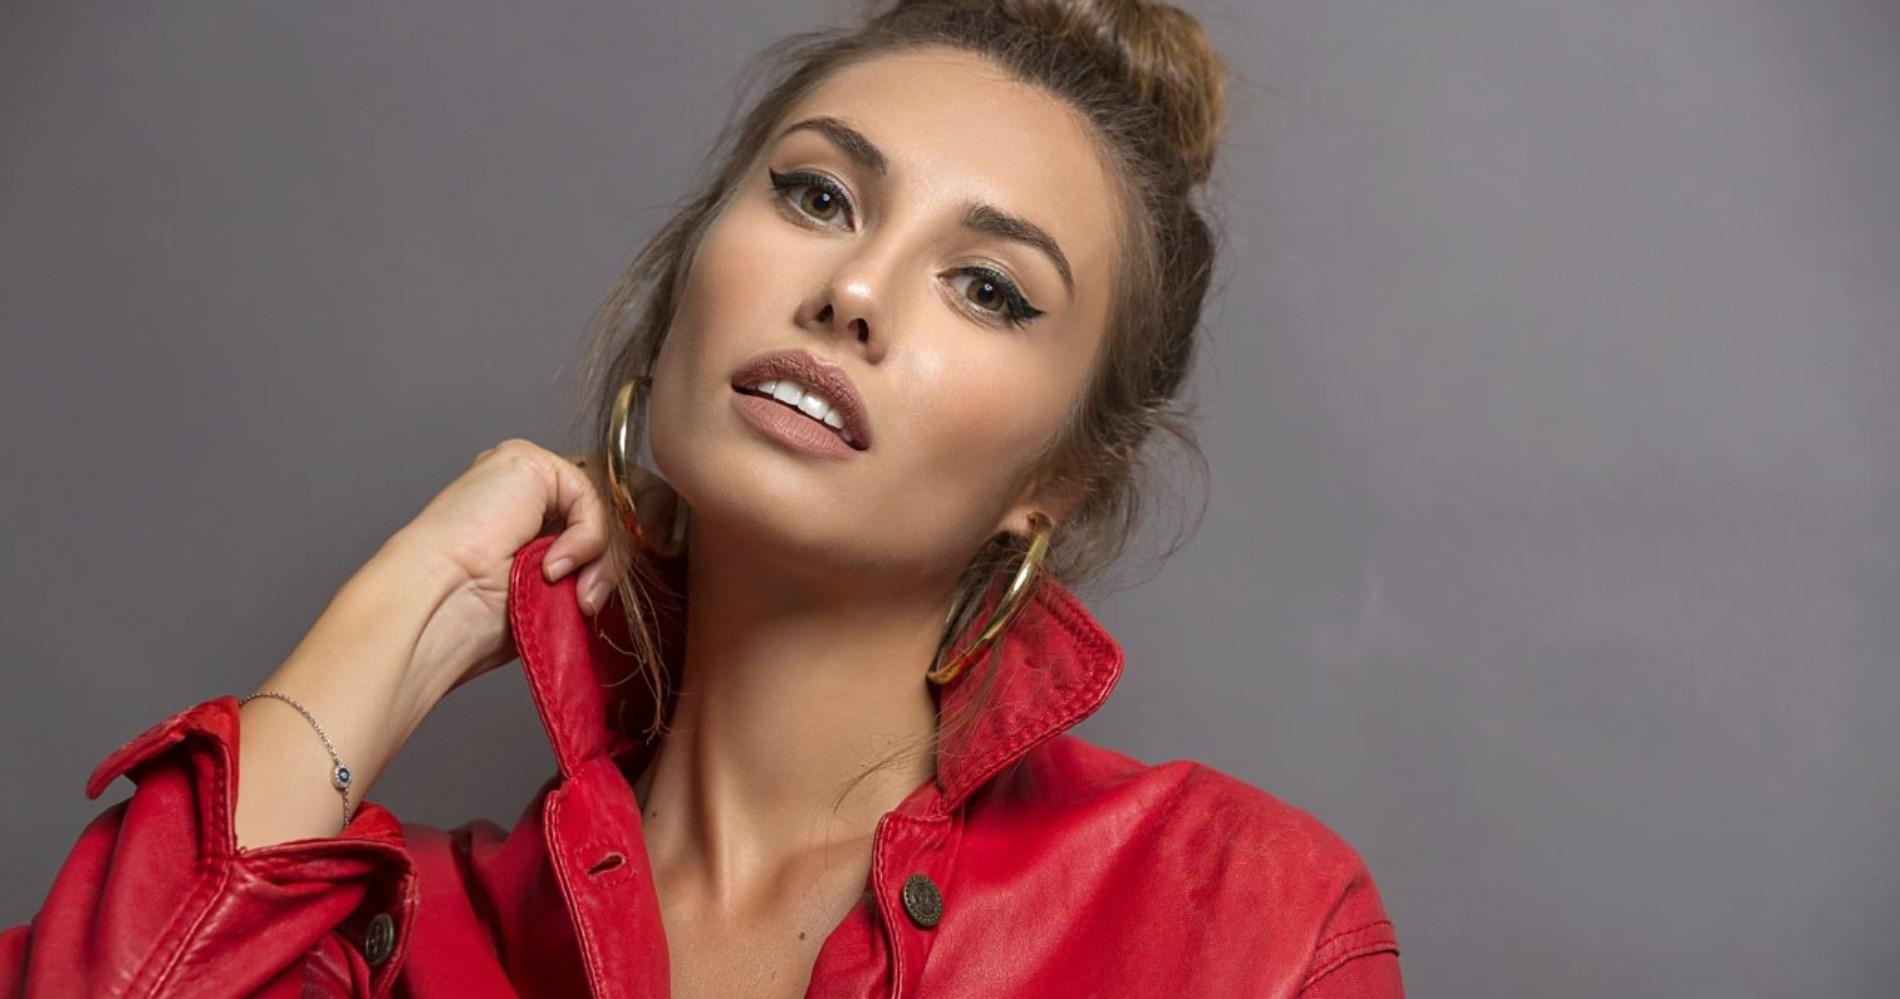 """<span class=""""entry-title-primary"""">Intervista a Simona Di Bella: """"Tra 'TuttApposto' e 'Don Matteo' aspettando Tornatore""""</span> <span class=""""entry-subtitle"""">L'attrice siciliana parla del suo grande momento sul grande schermo e si prepara a vestire nuovamente i panni di Assuntina in """"Don Matteo"""".</span>"""